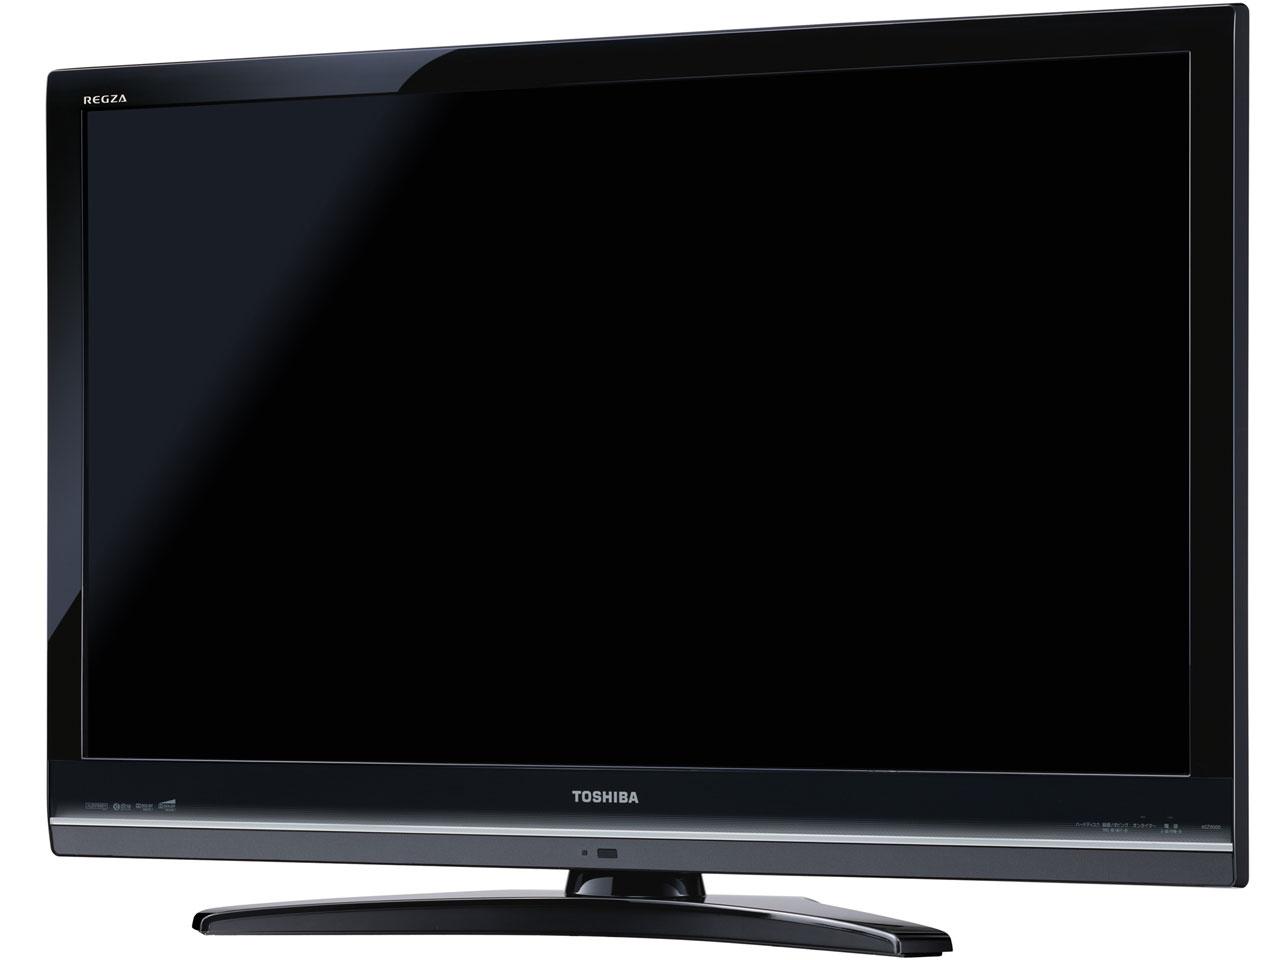 『本体 正面』 REGZA 42Z8000 [42インチ] の製品画像